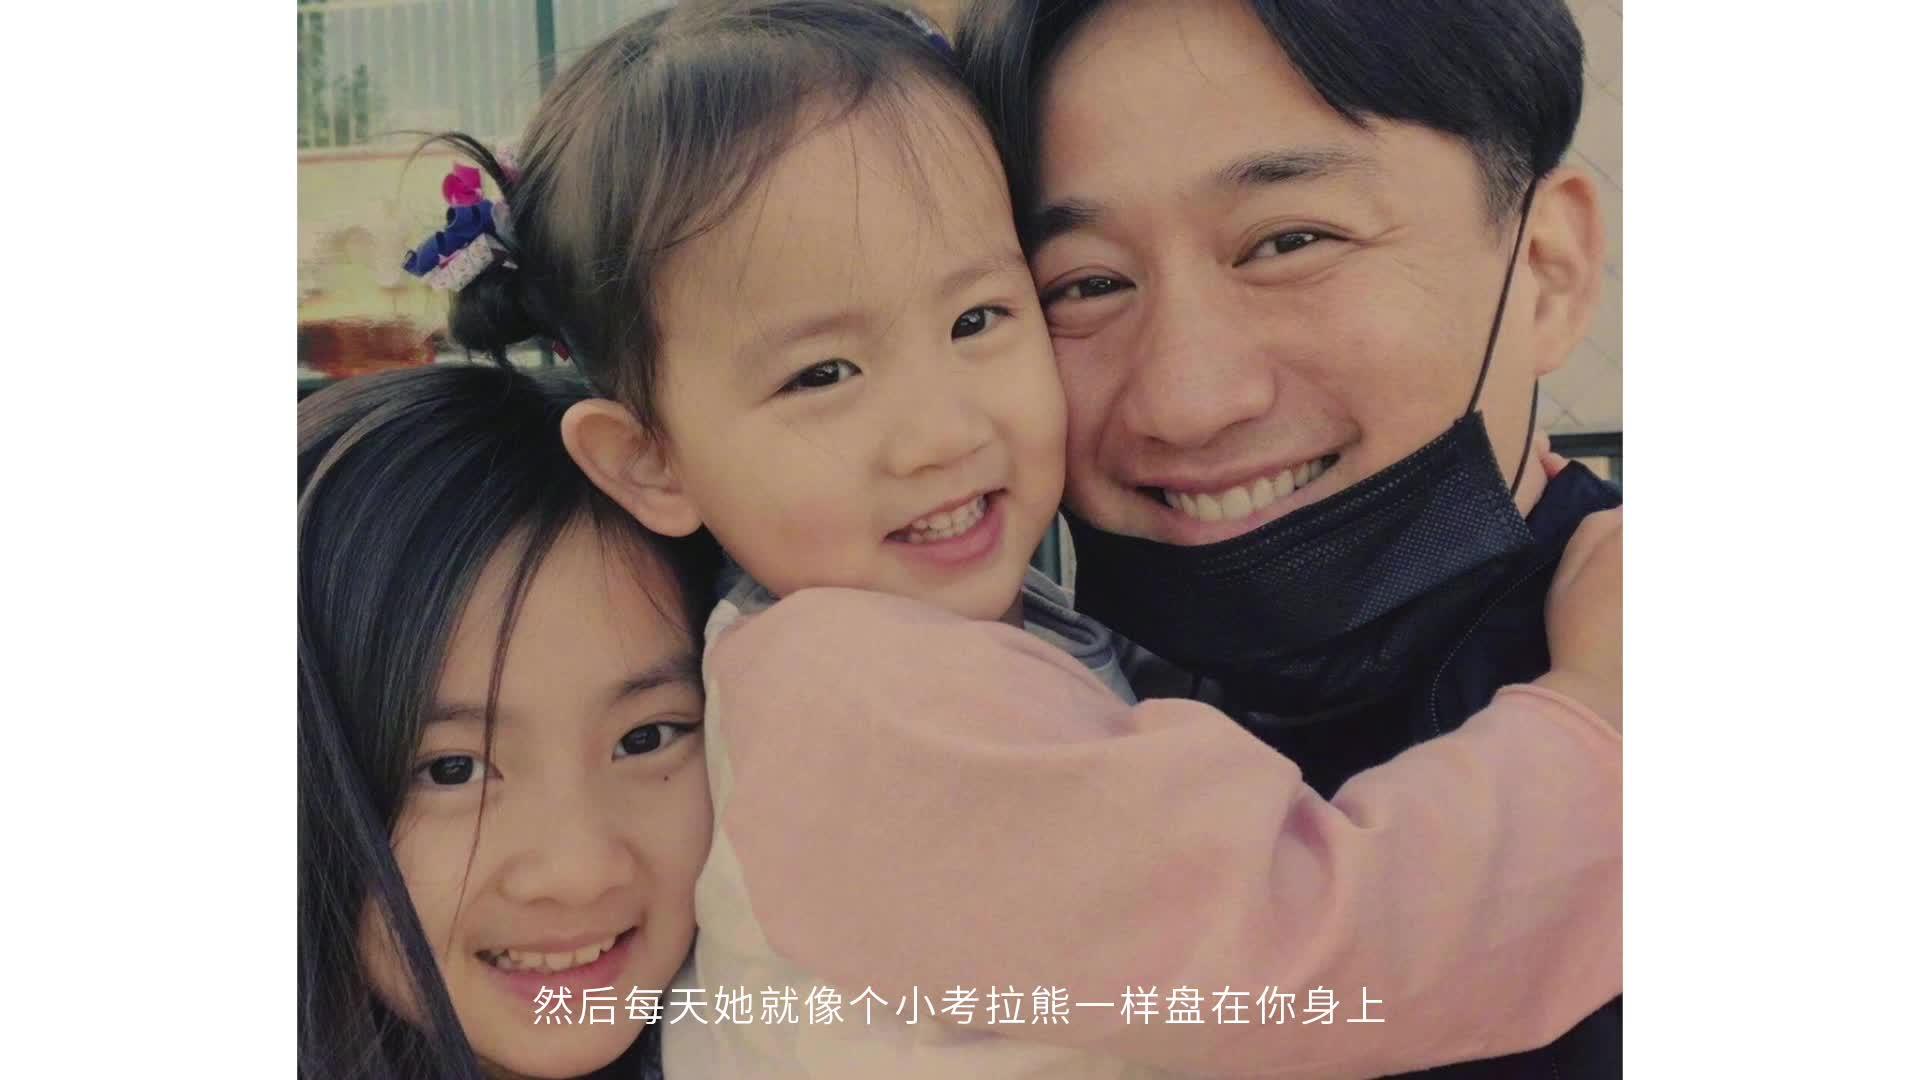 黄磊《独白》:家有好爸爸,才有小欢喜